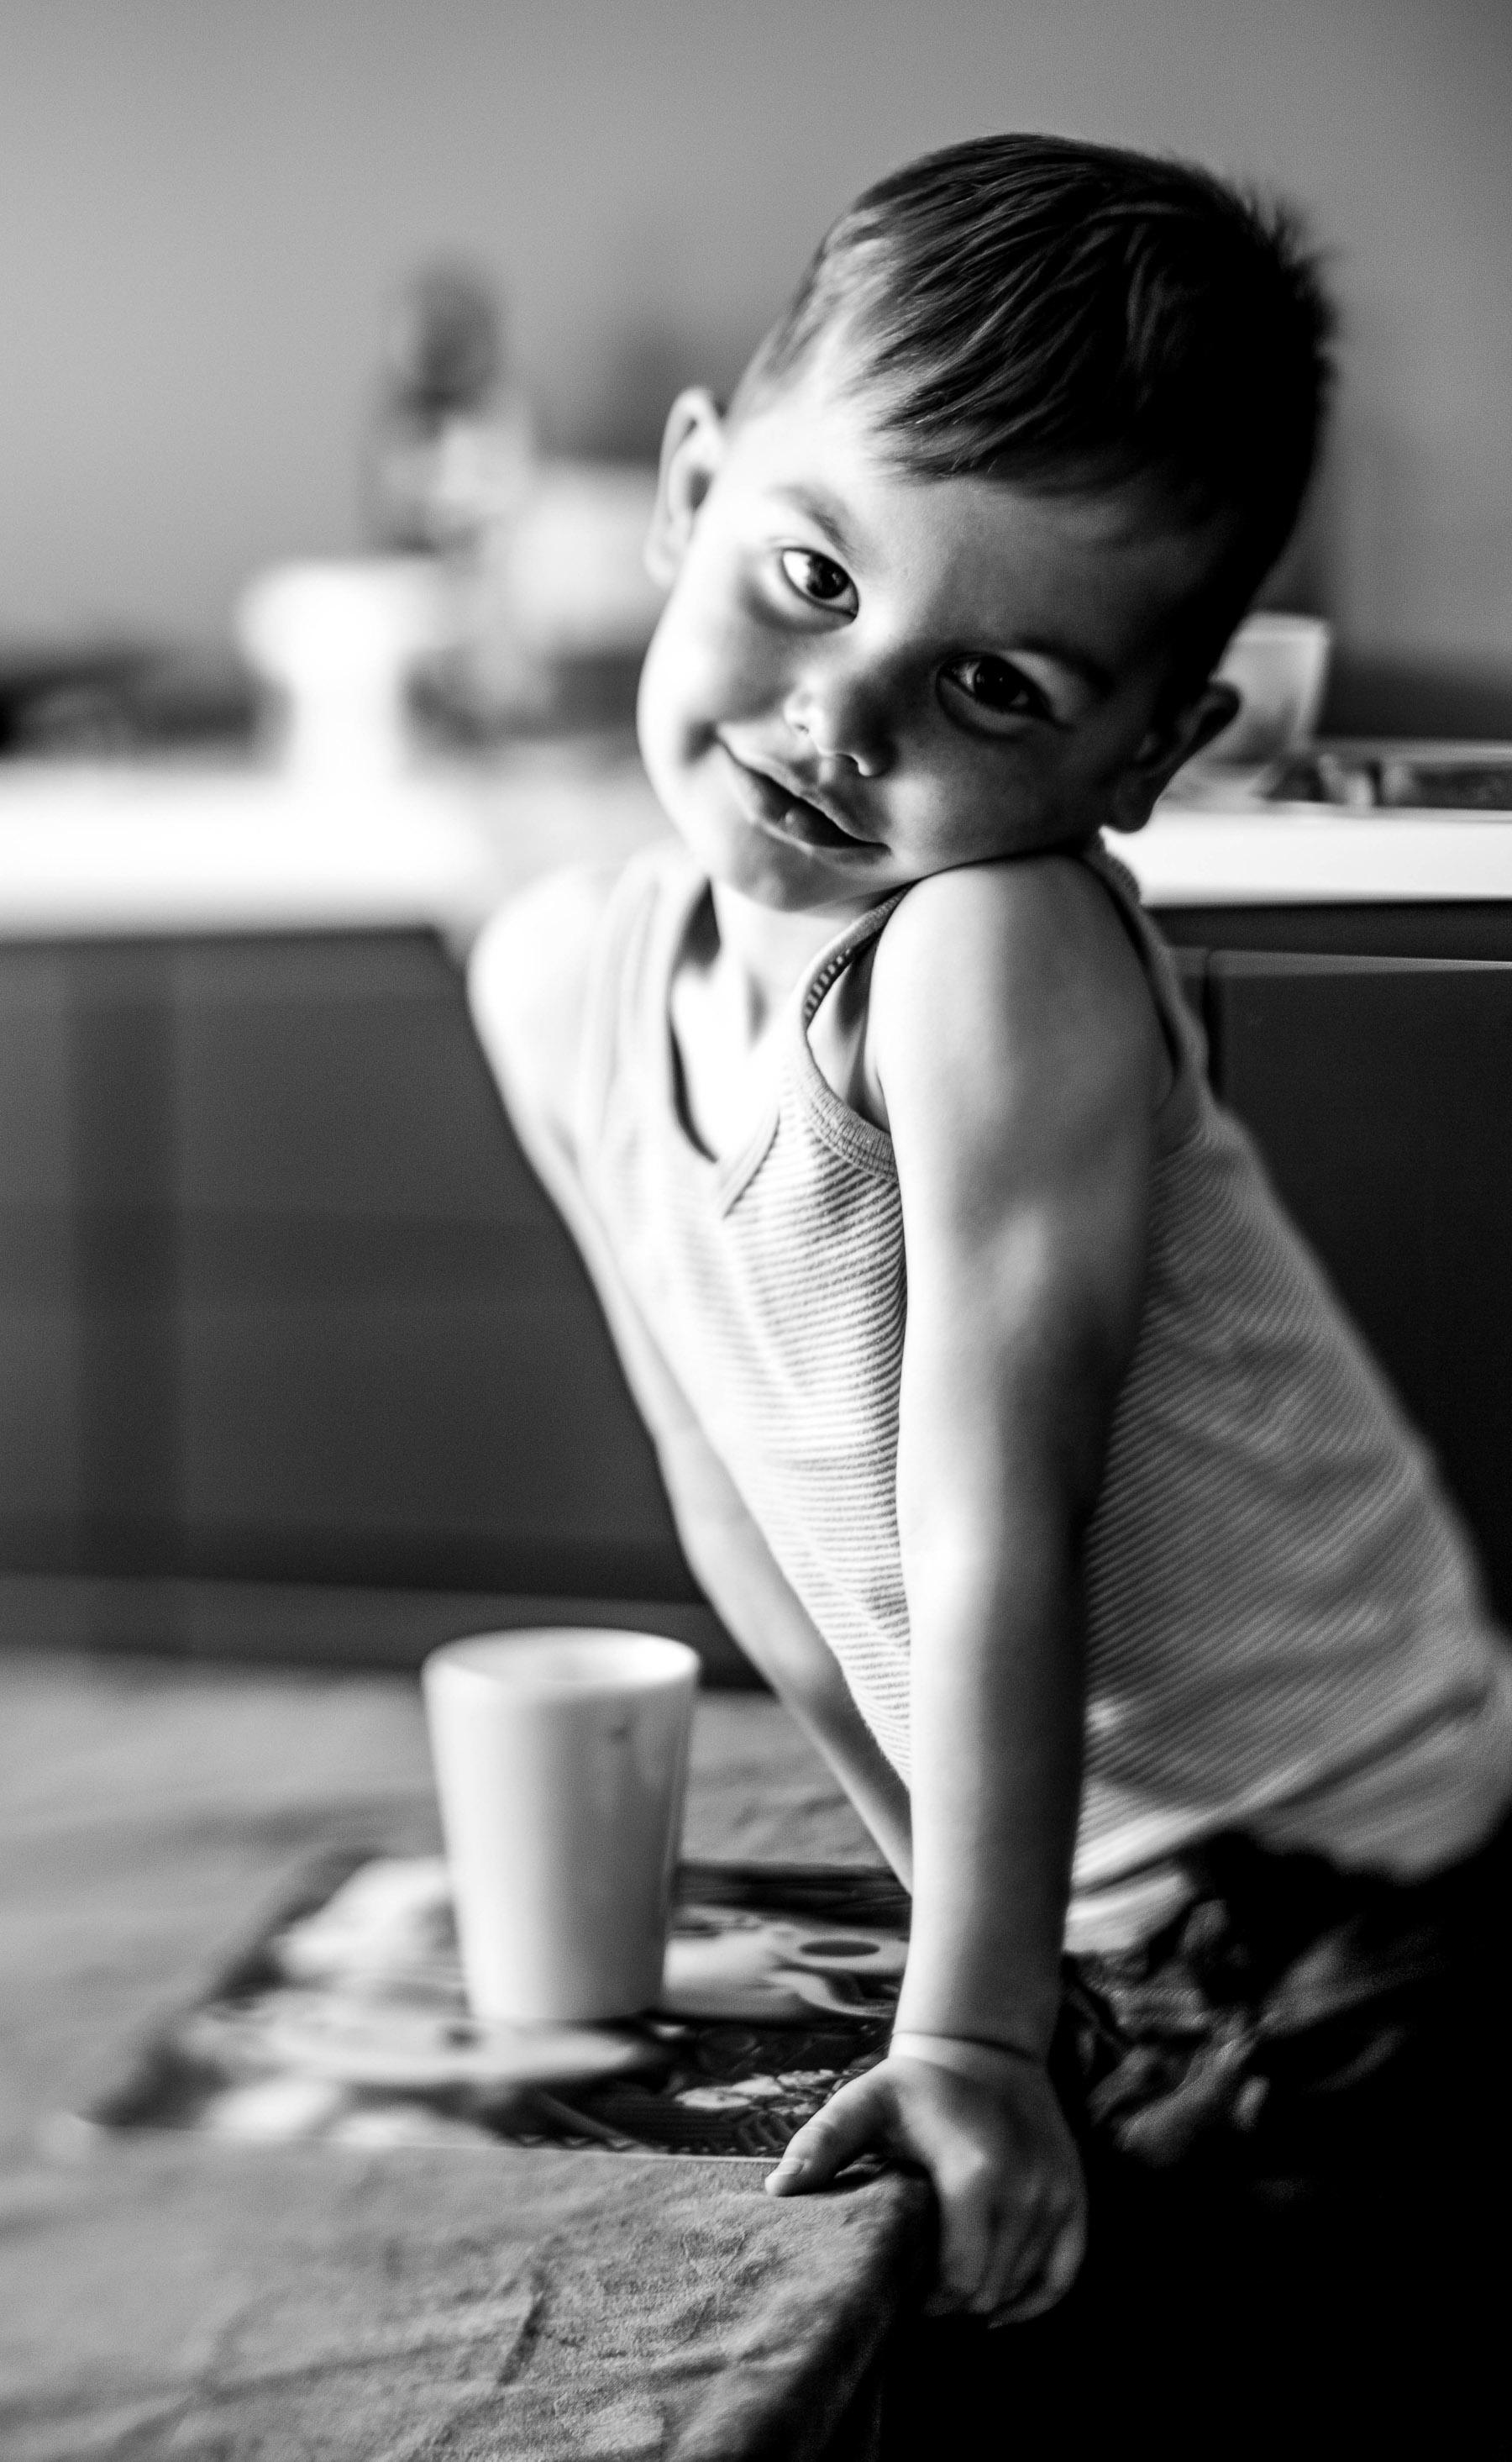 patricia-vanrespaille-photographer-portrait-061.jpg